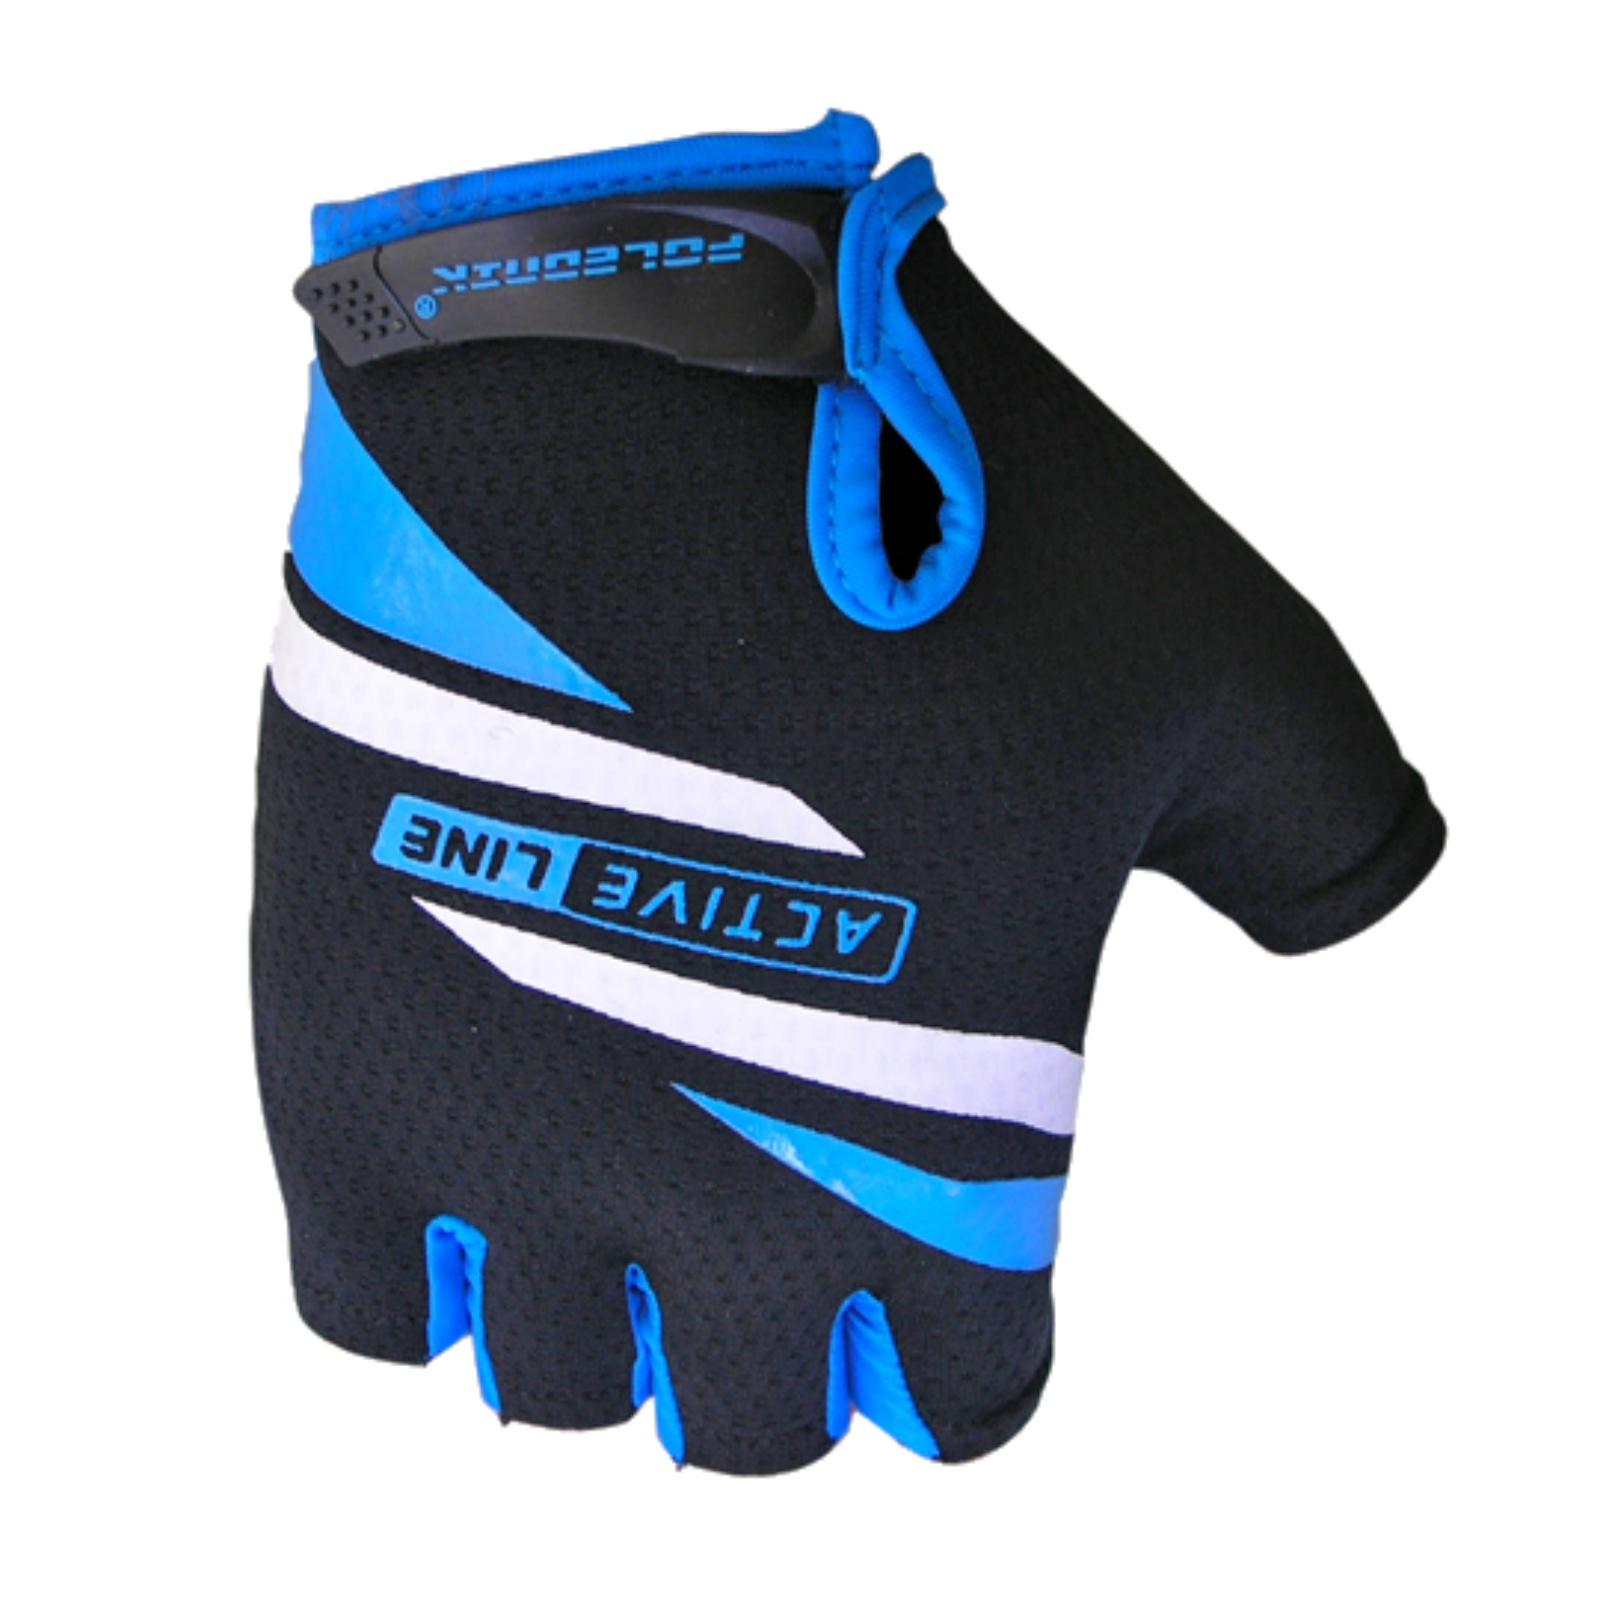 Cyklo rukavice POLEDNIK Active krátké černo-modré